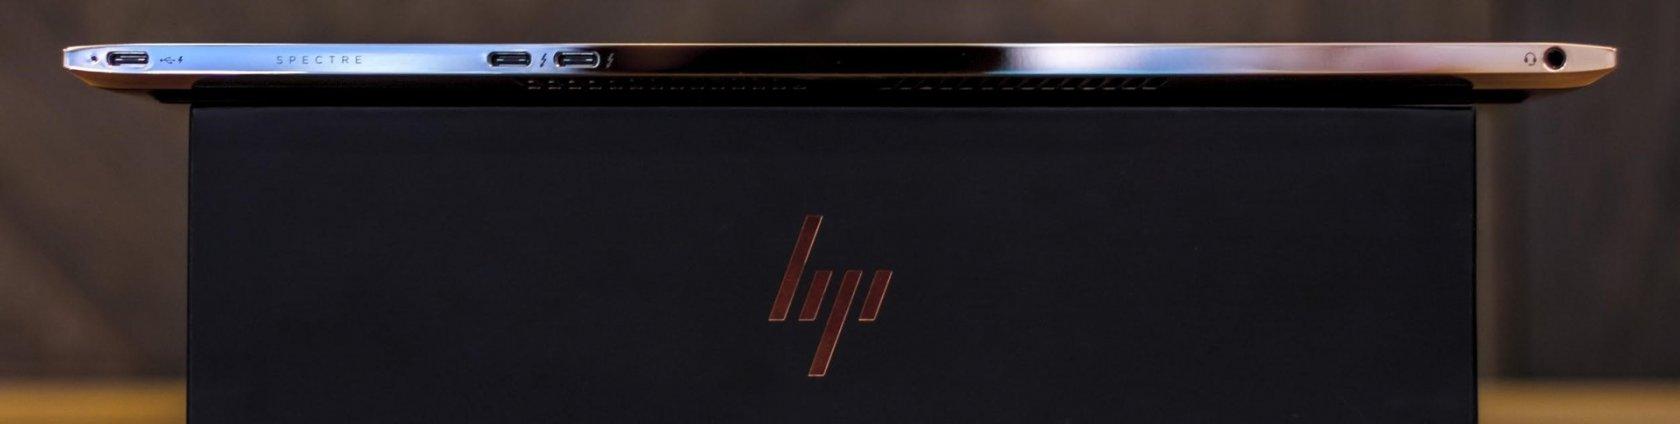 Технологии и дизайн в одном устройстве. Ноутбук HP Spectre 13 - 11